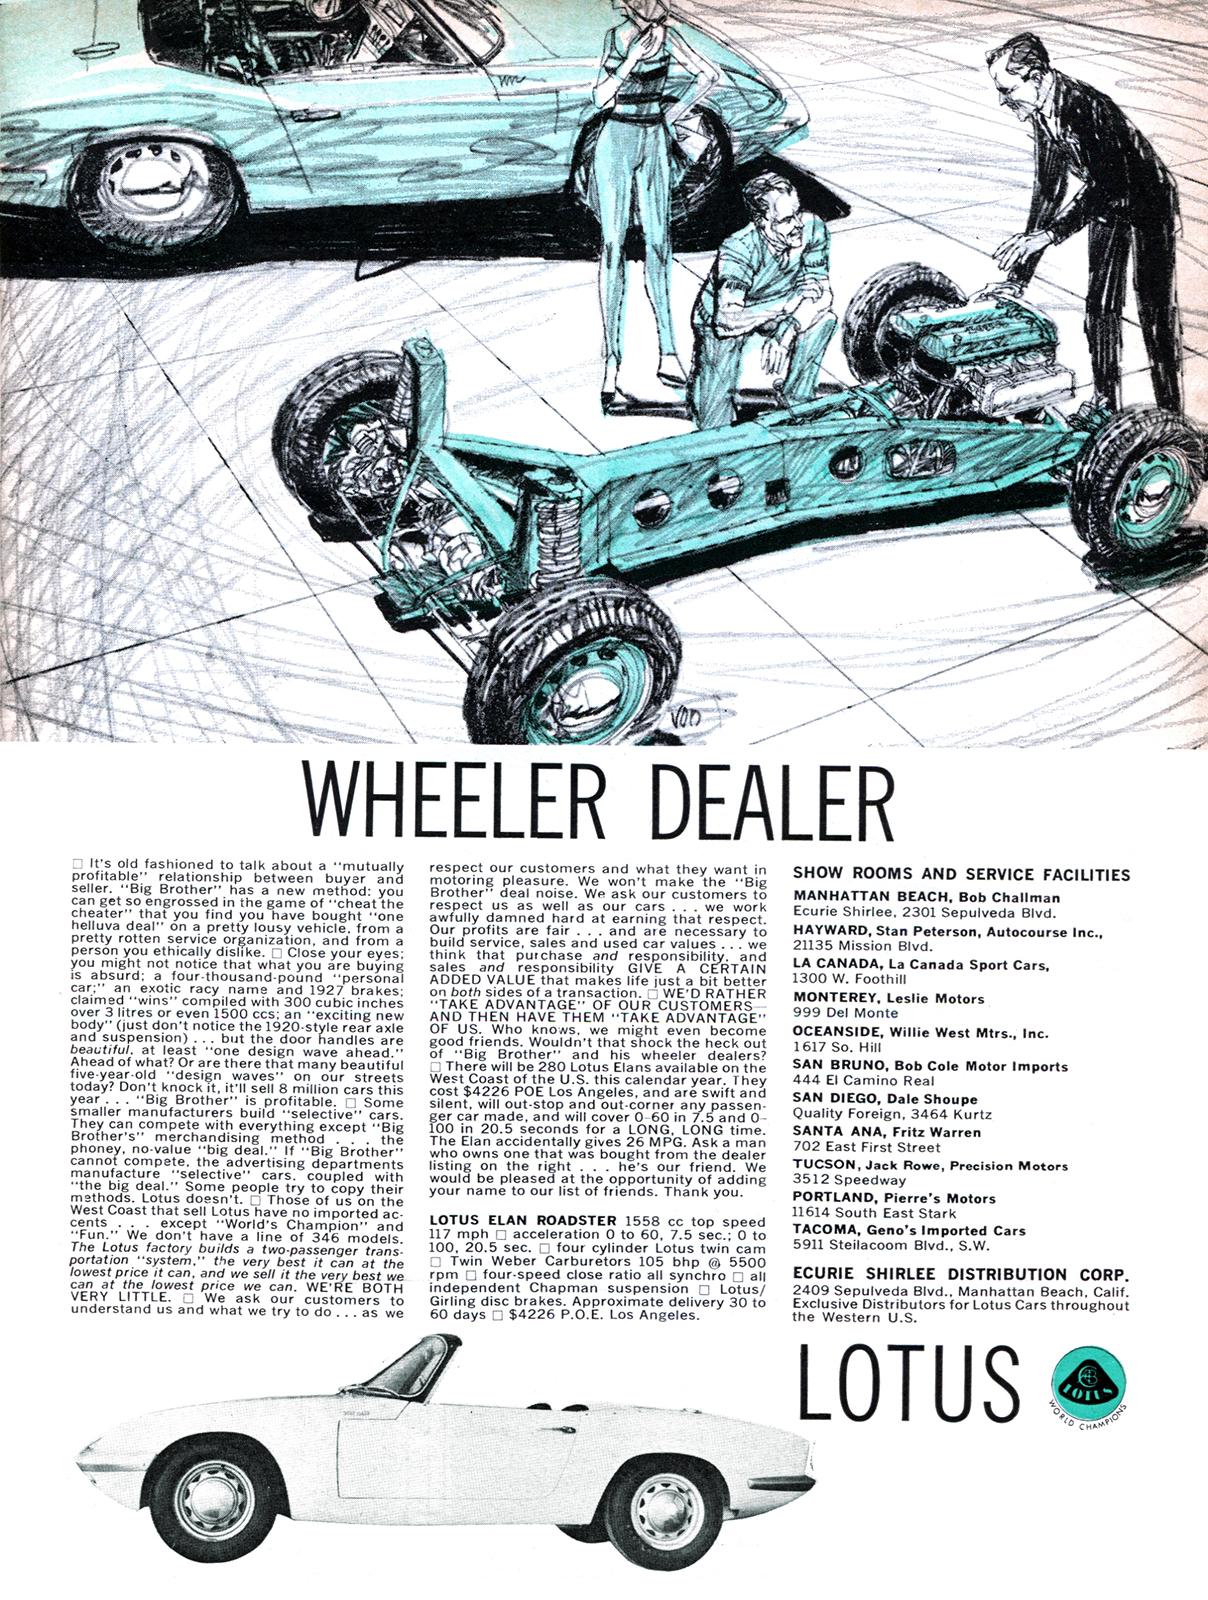 http://www.carstyling.ru/resources/entries/4850/1965-Lotus-Elan-Roadster-Ad-04.jpg